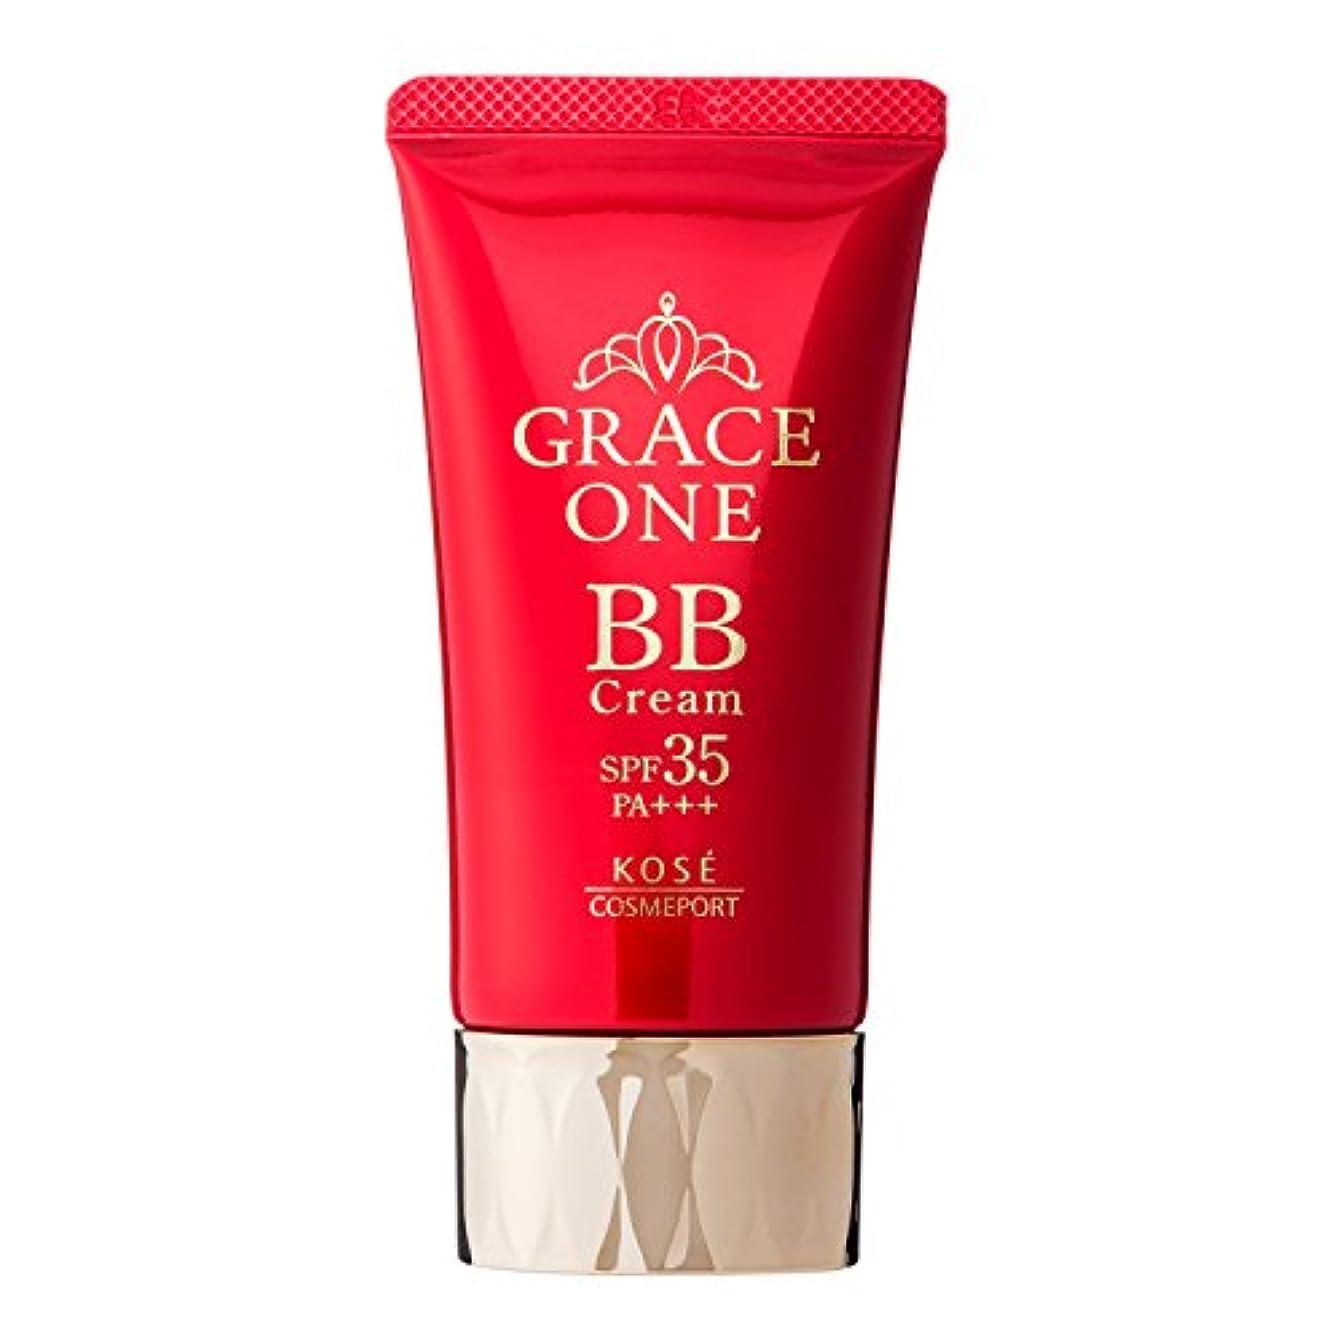 消毒剤グリット再生可能KOSE グレイス ワン BBクリーム 02 (自然~健康的な肌色)